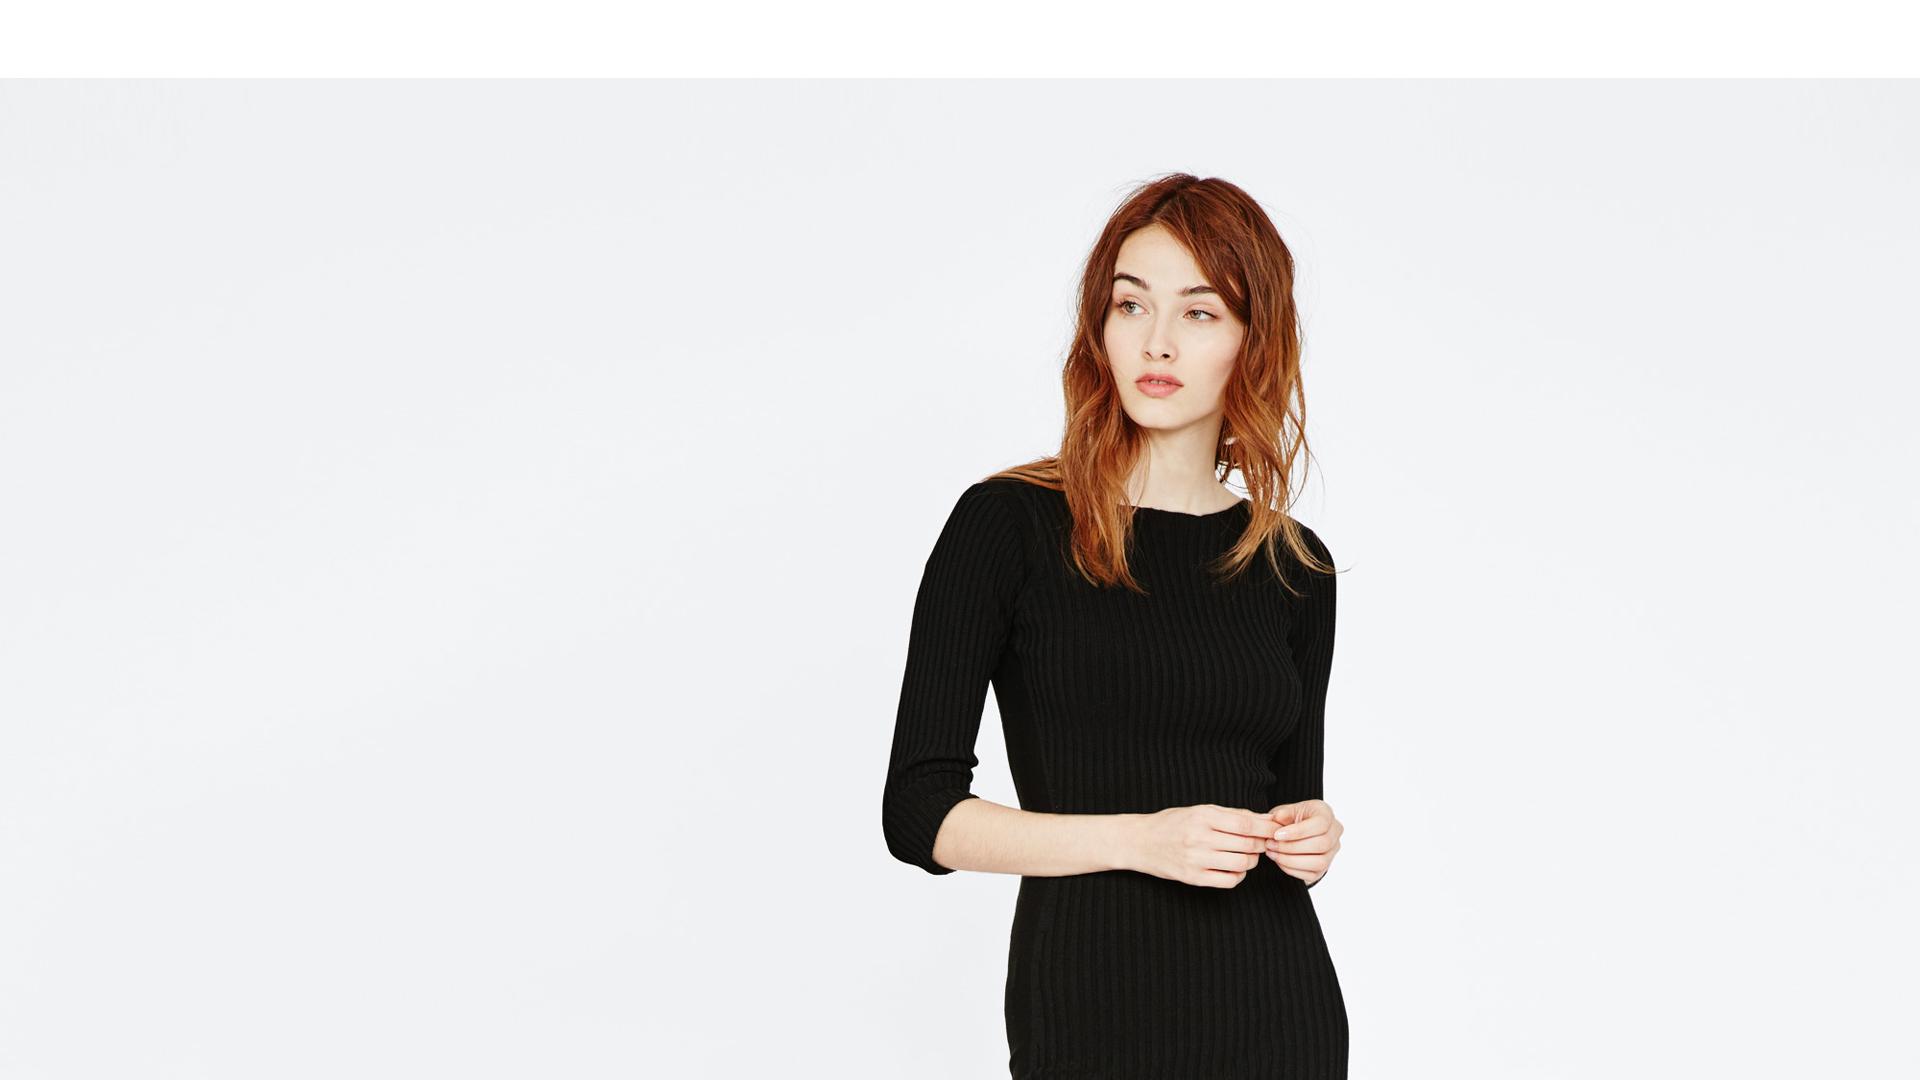 Vestir de oscuro no hará que luzcas amargada si sabes cómo hacer. Dale toques especiales a tu atuendo con estos consejos